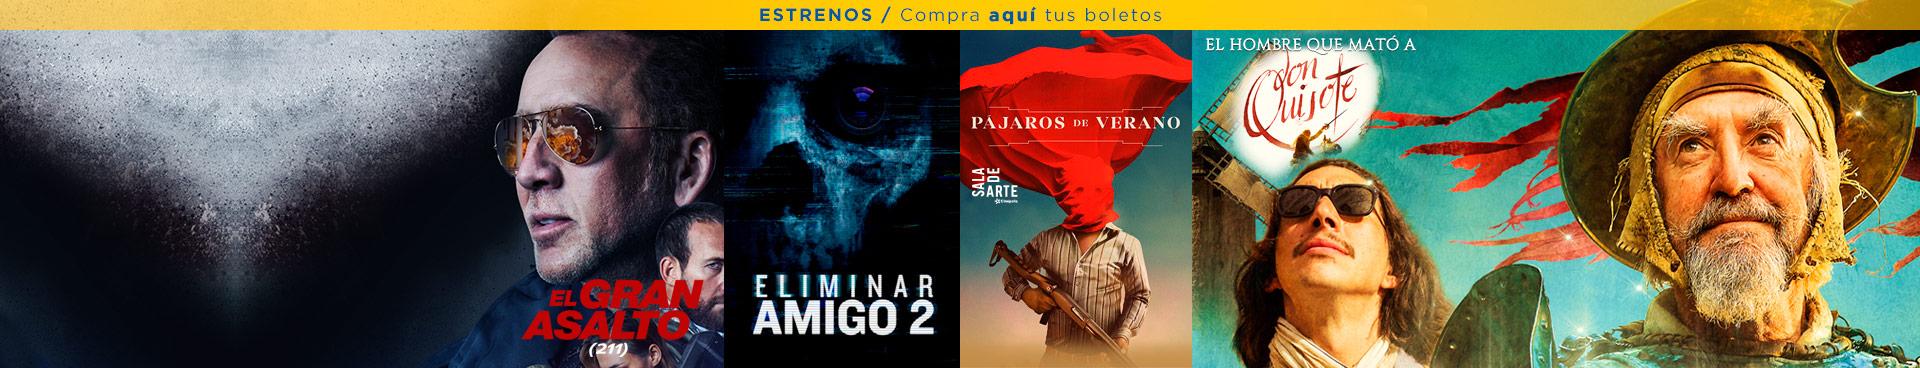 Estrenos (El Gran Salto / Eliminar Amigo 2 / Pájaros de Verano / El Hombre que mató a Don Quijote)